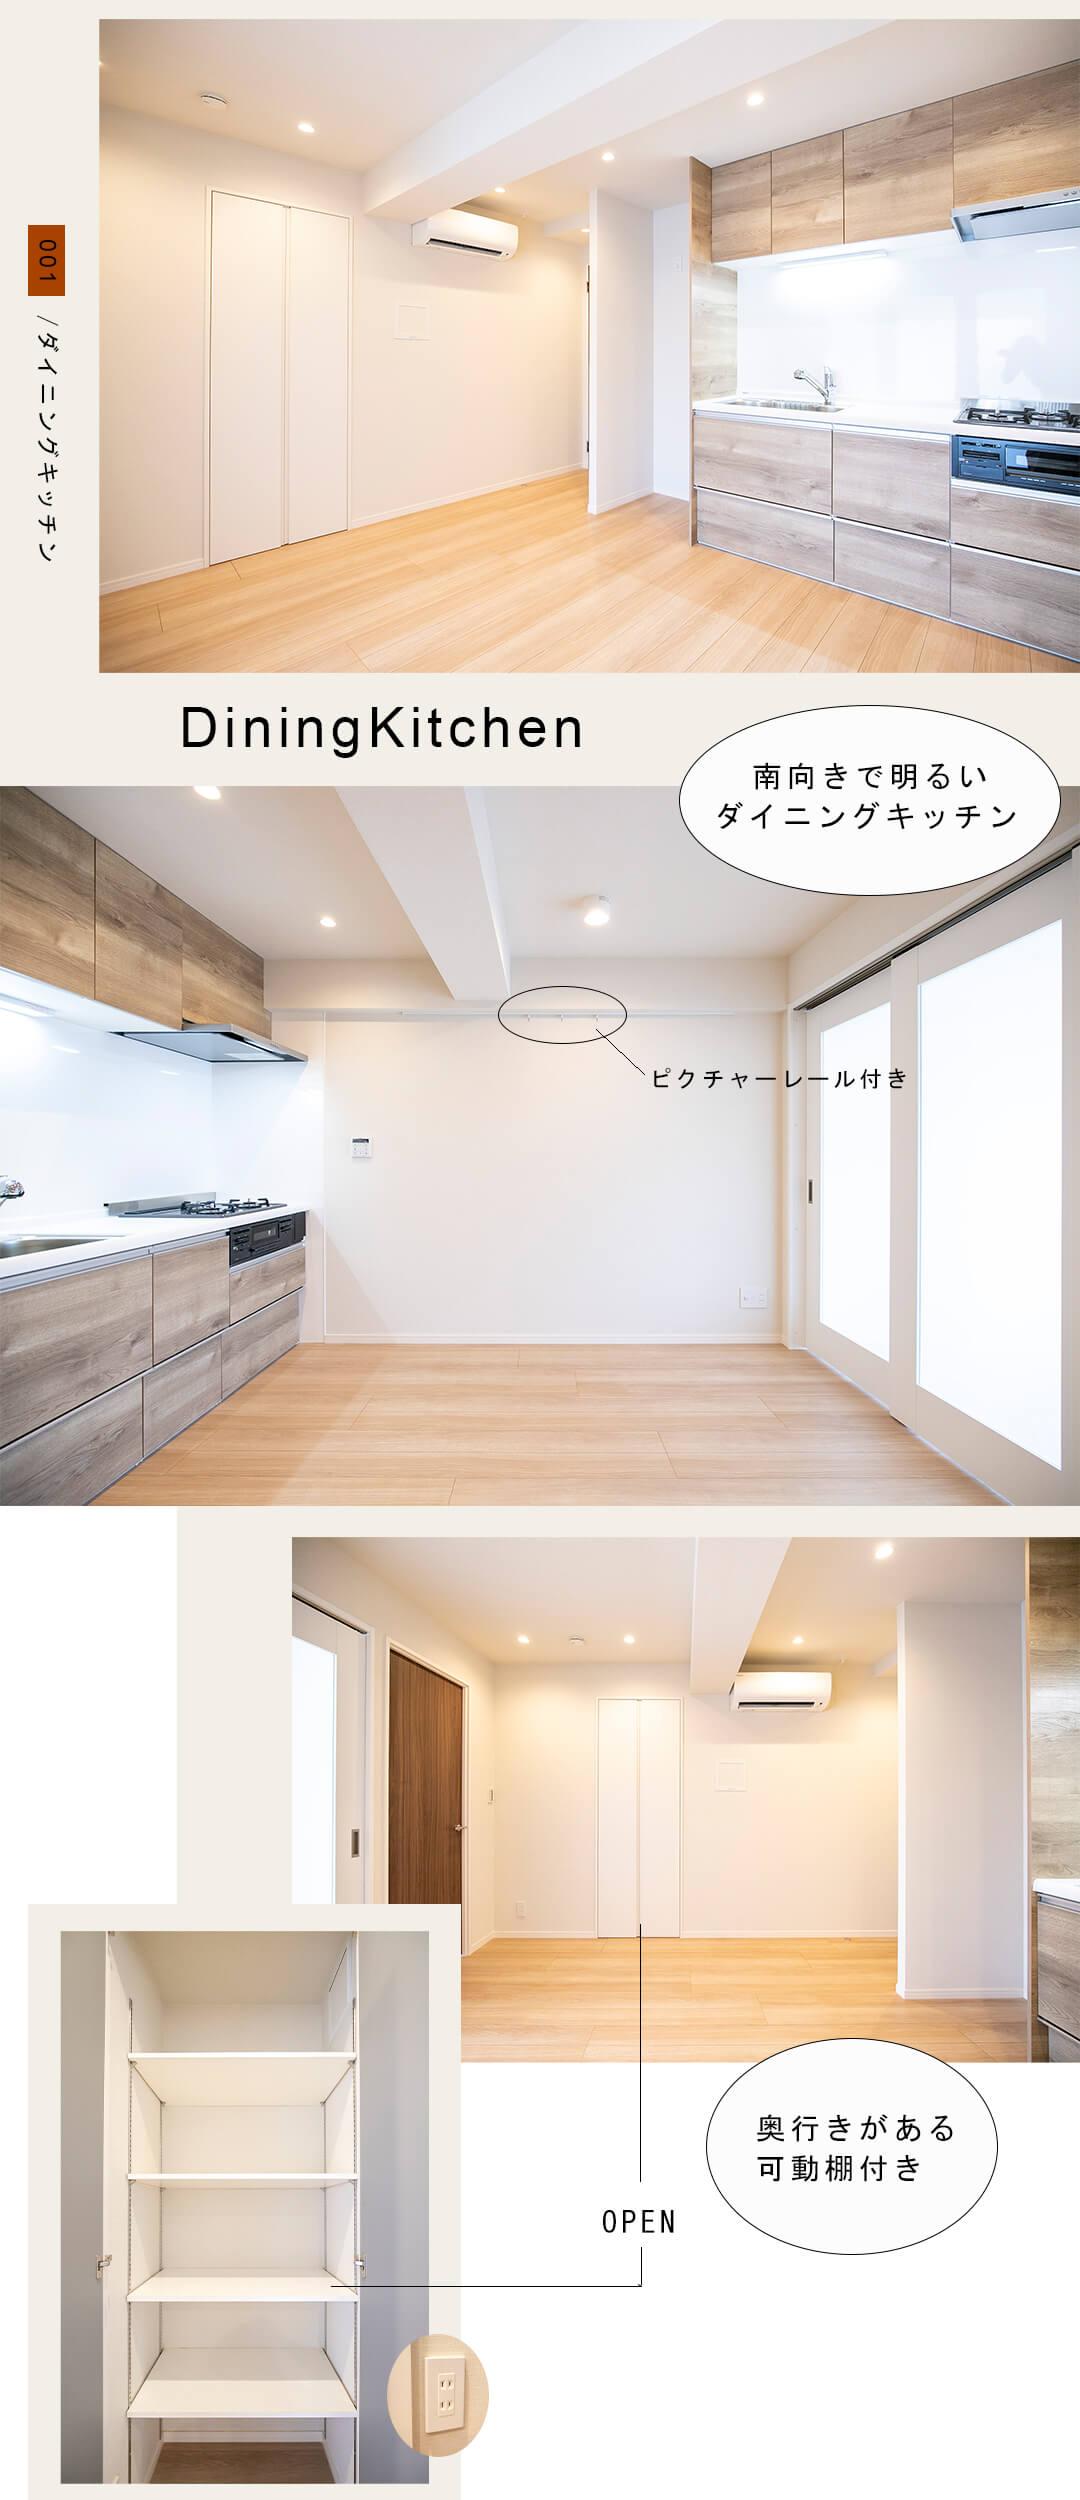 001ダイニングキッチン,DiningKitchen